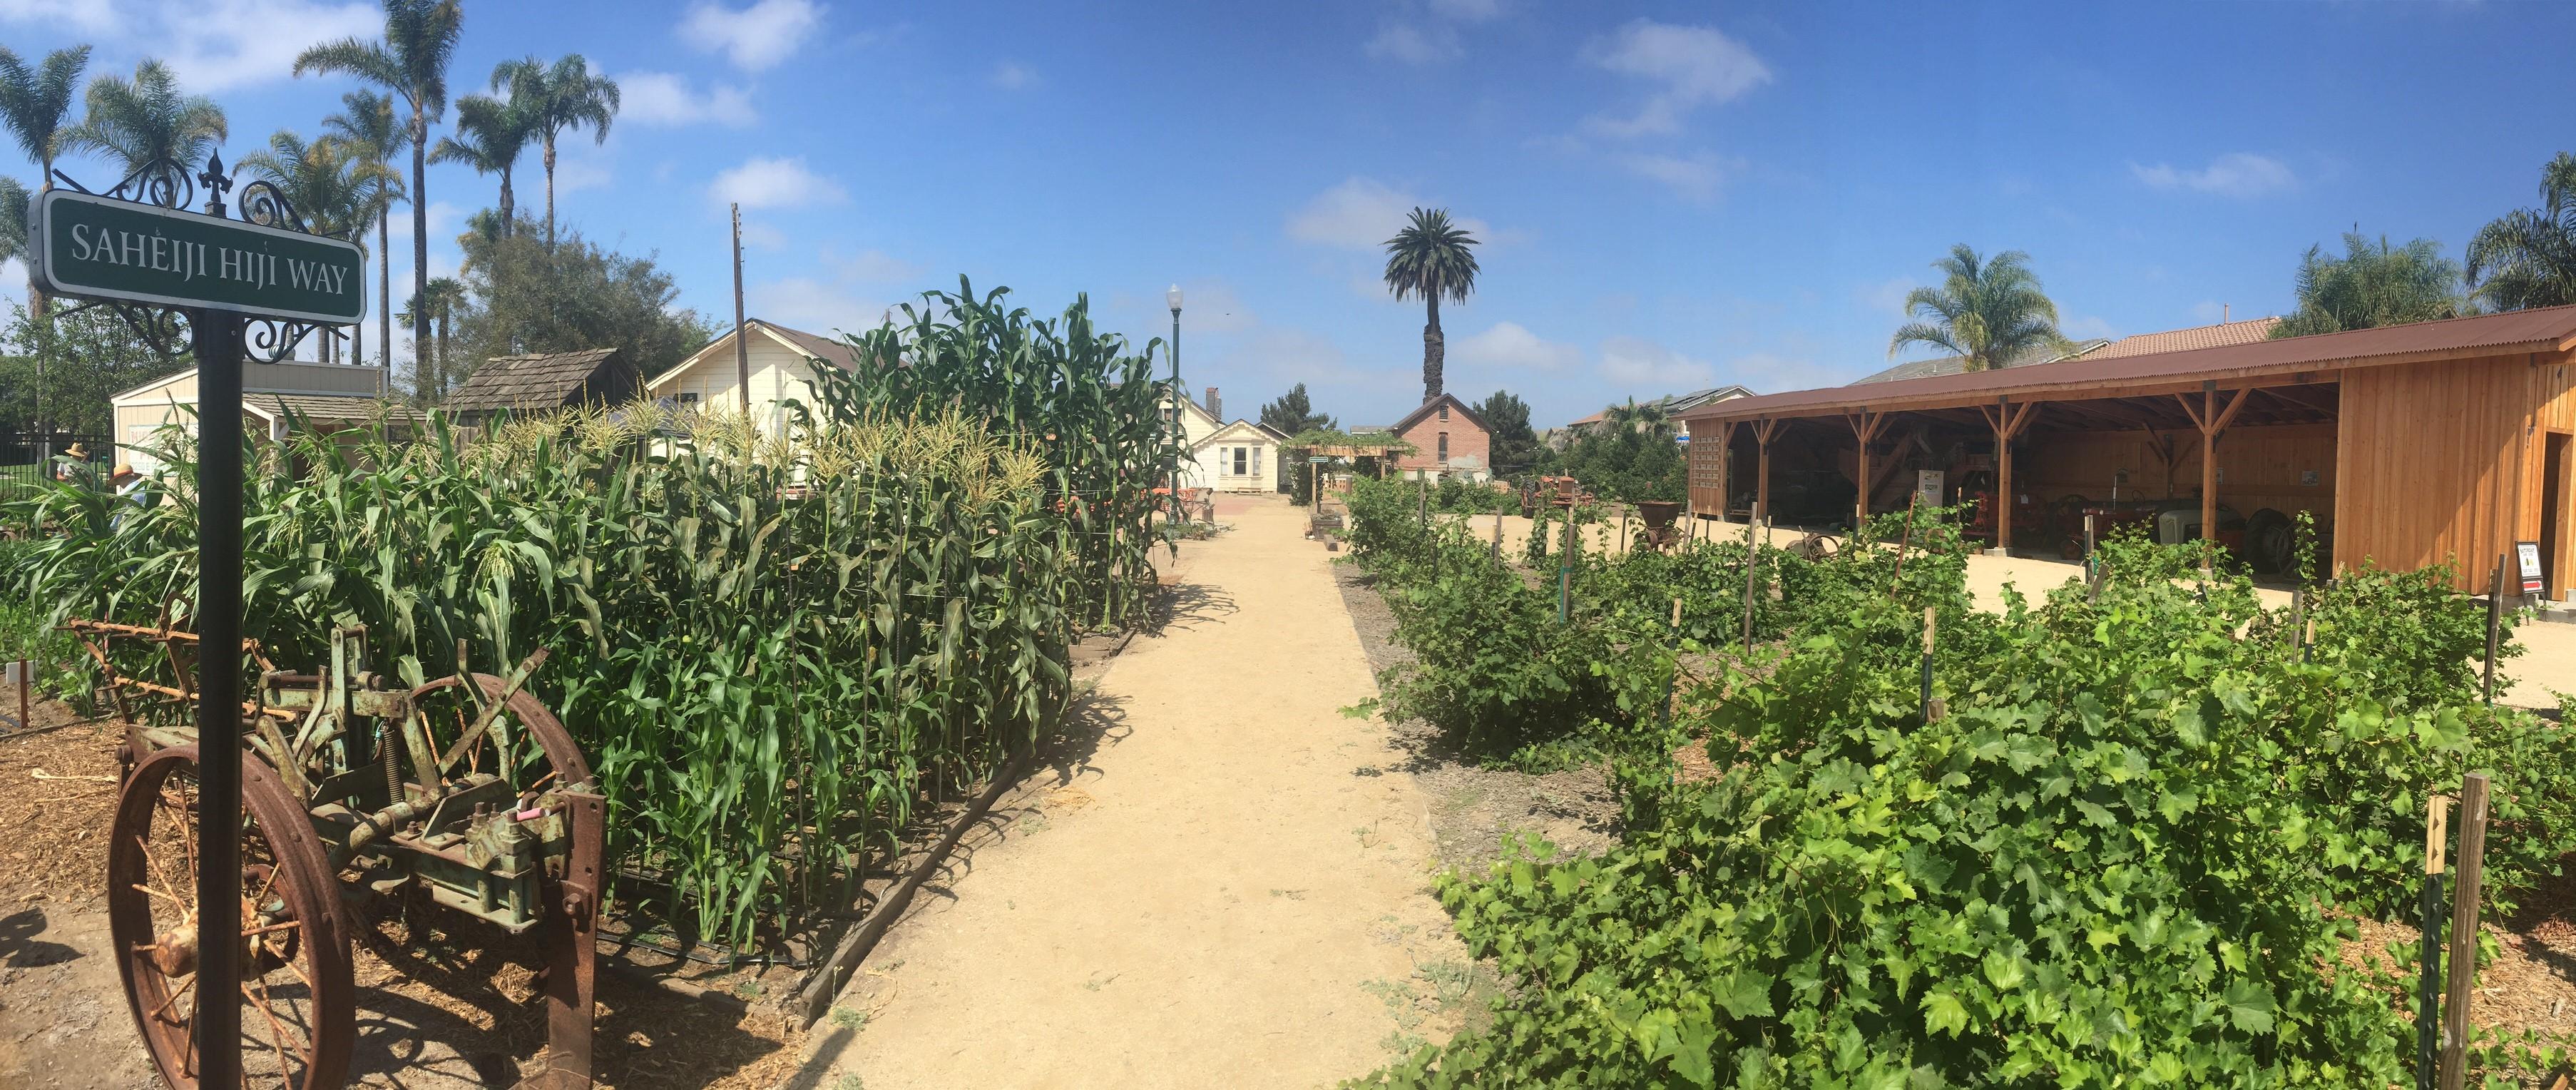 Ventura County Farm Day at Oxnard Historic Farm Park